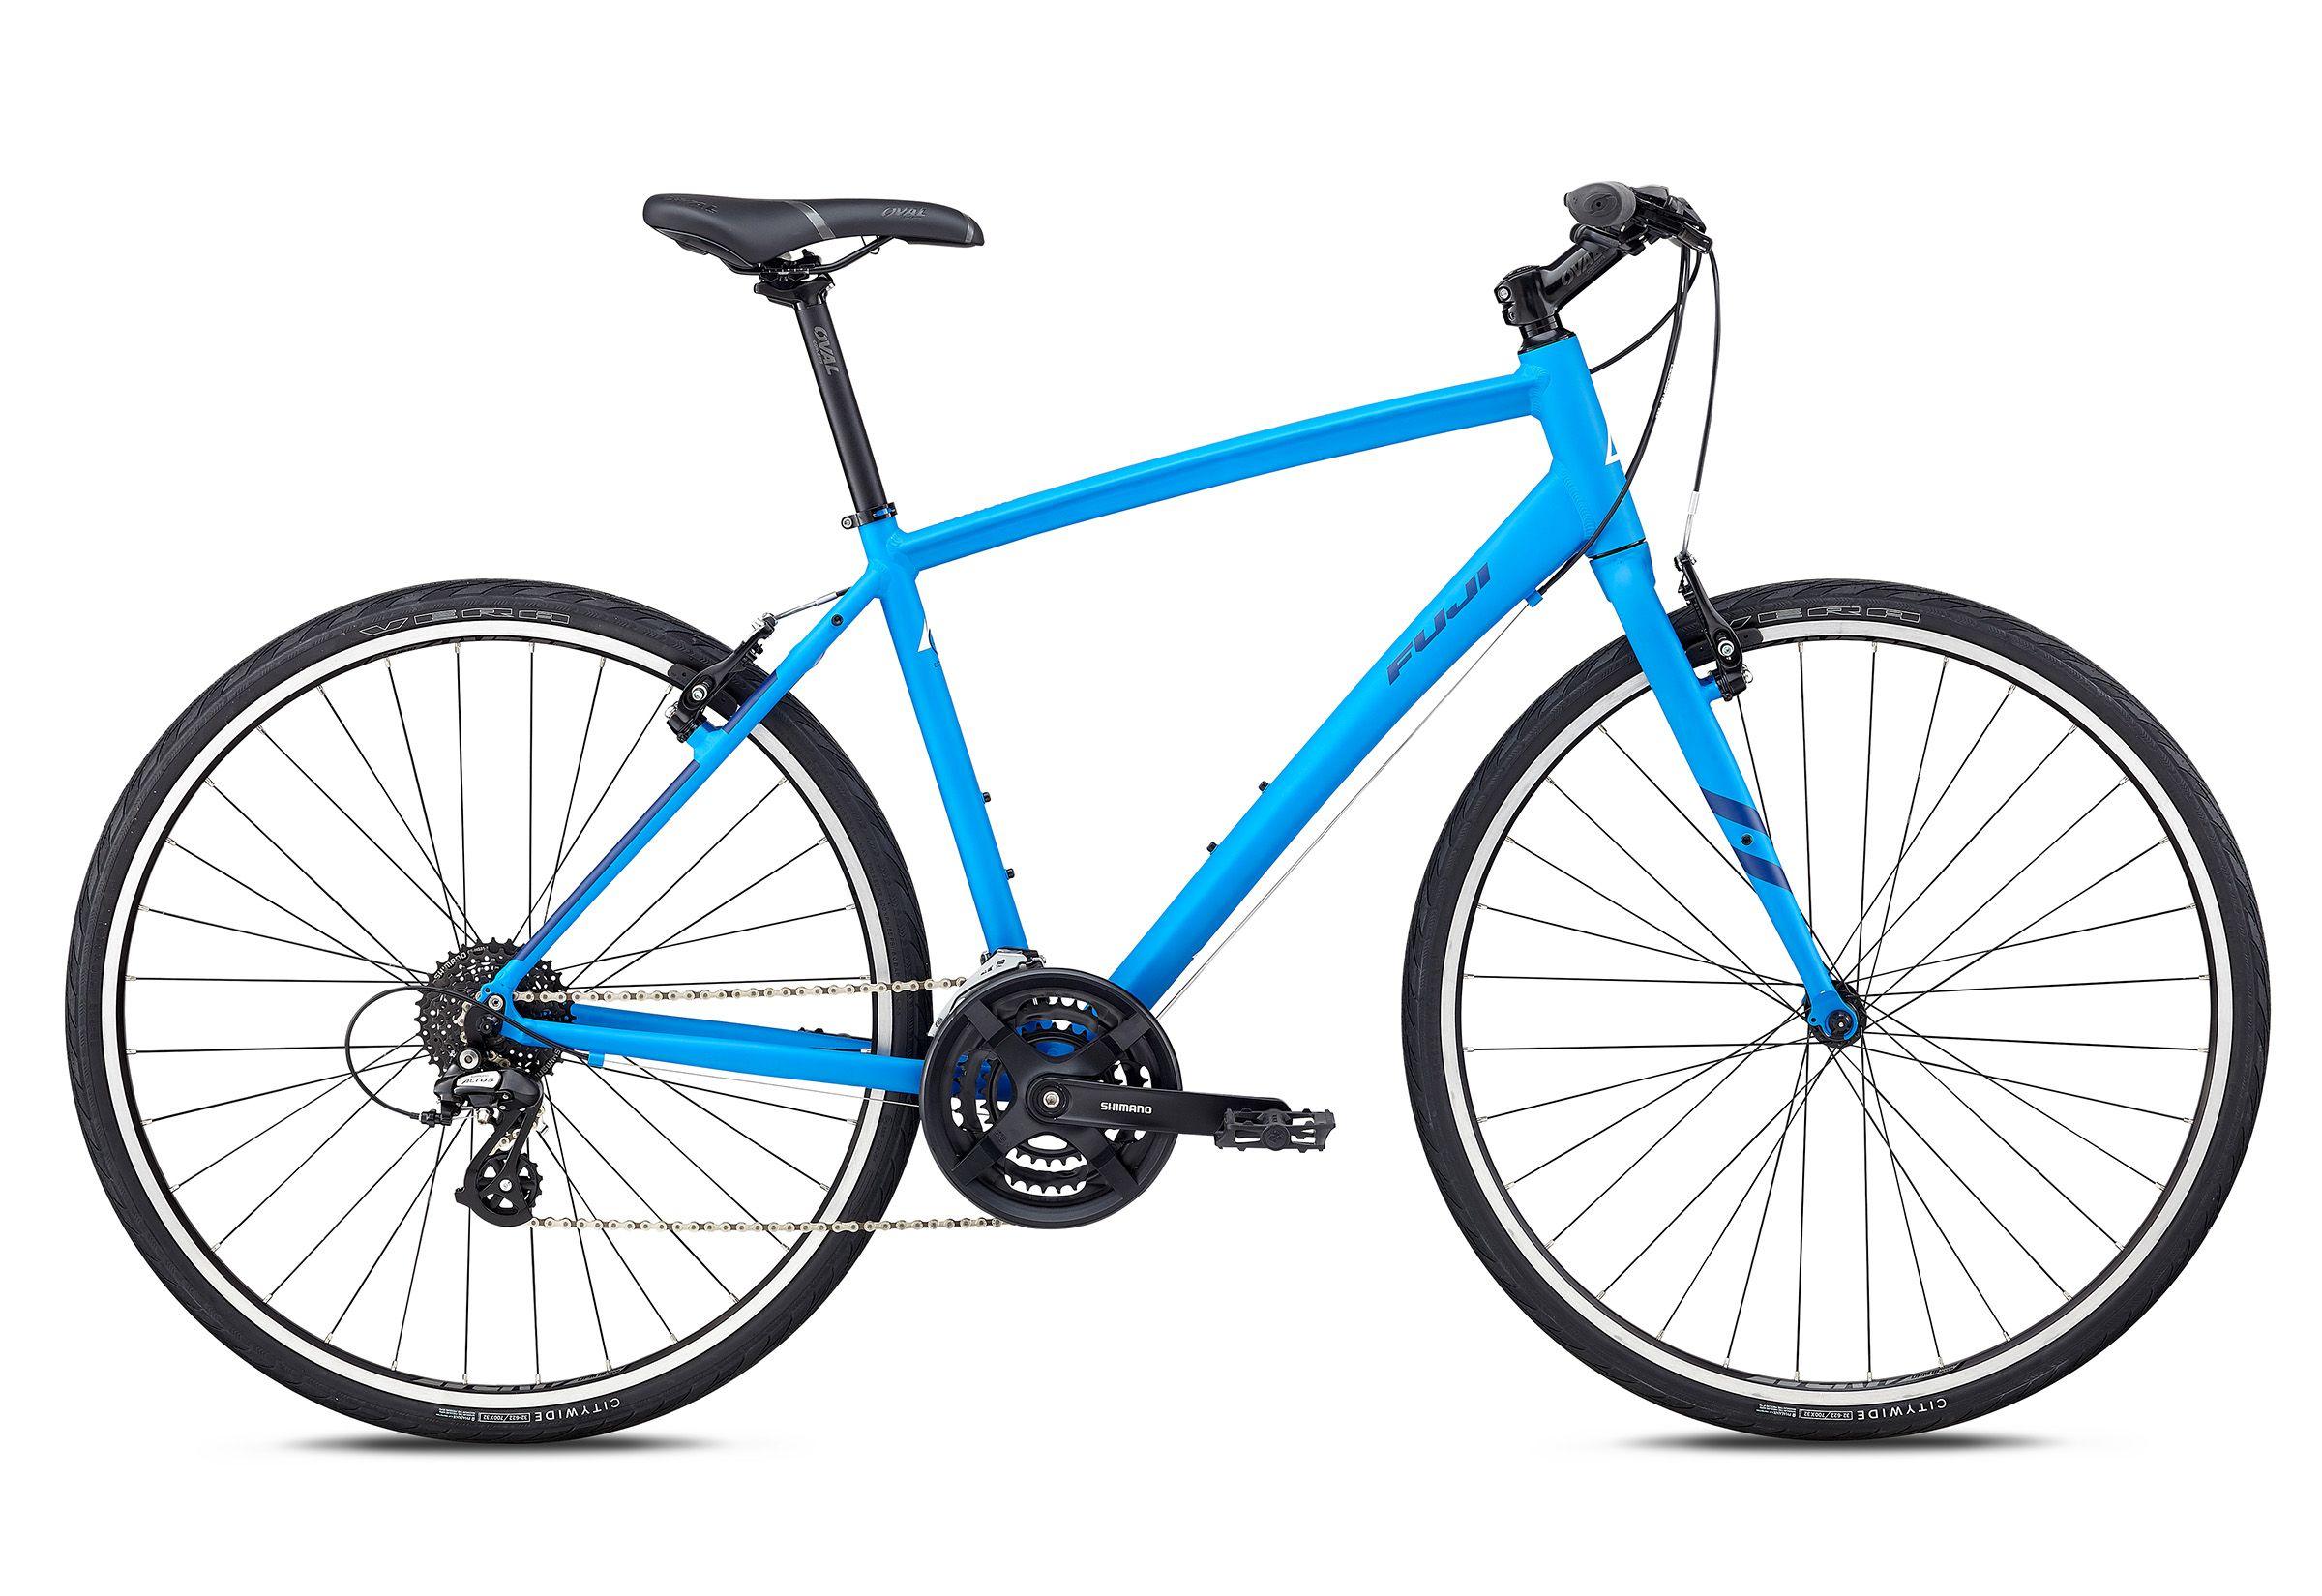 Fuji bikes absolute 21 fuji bikes bike bicycle